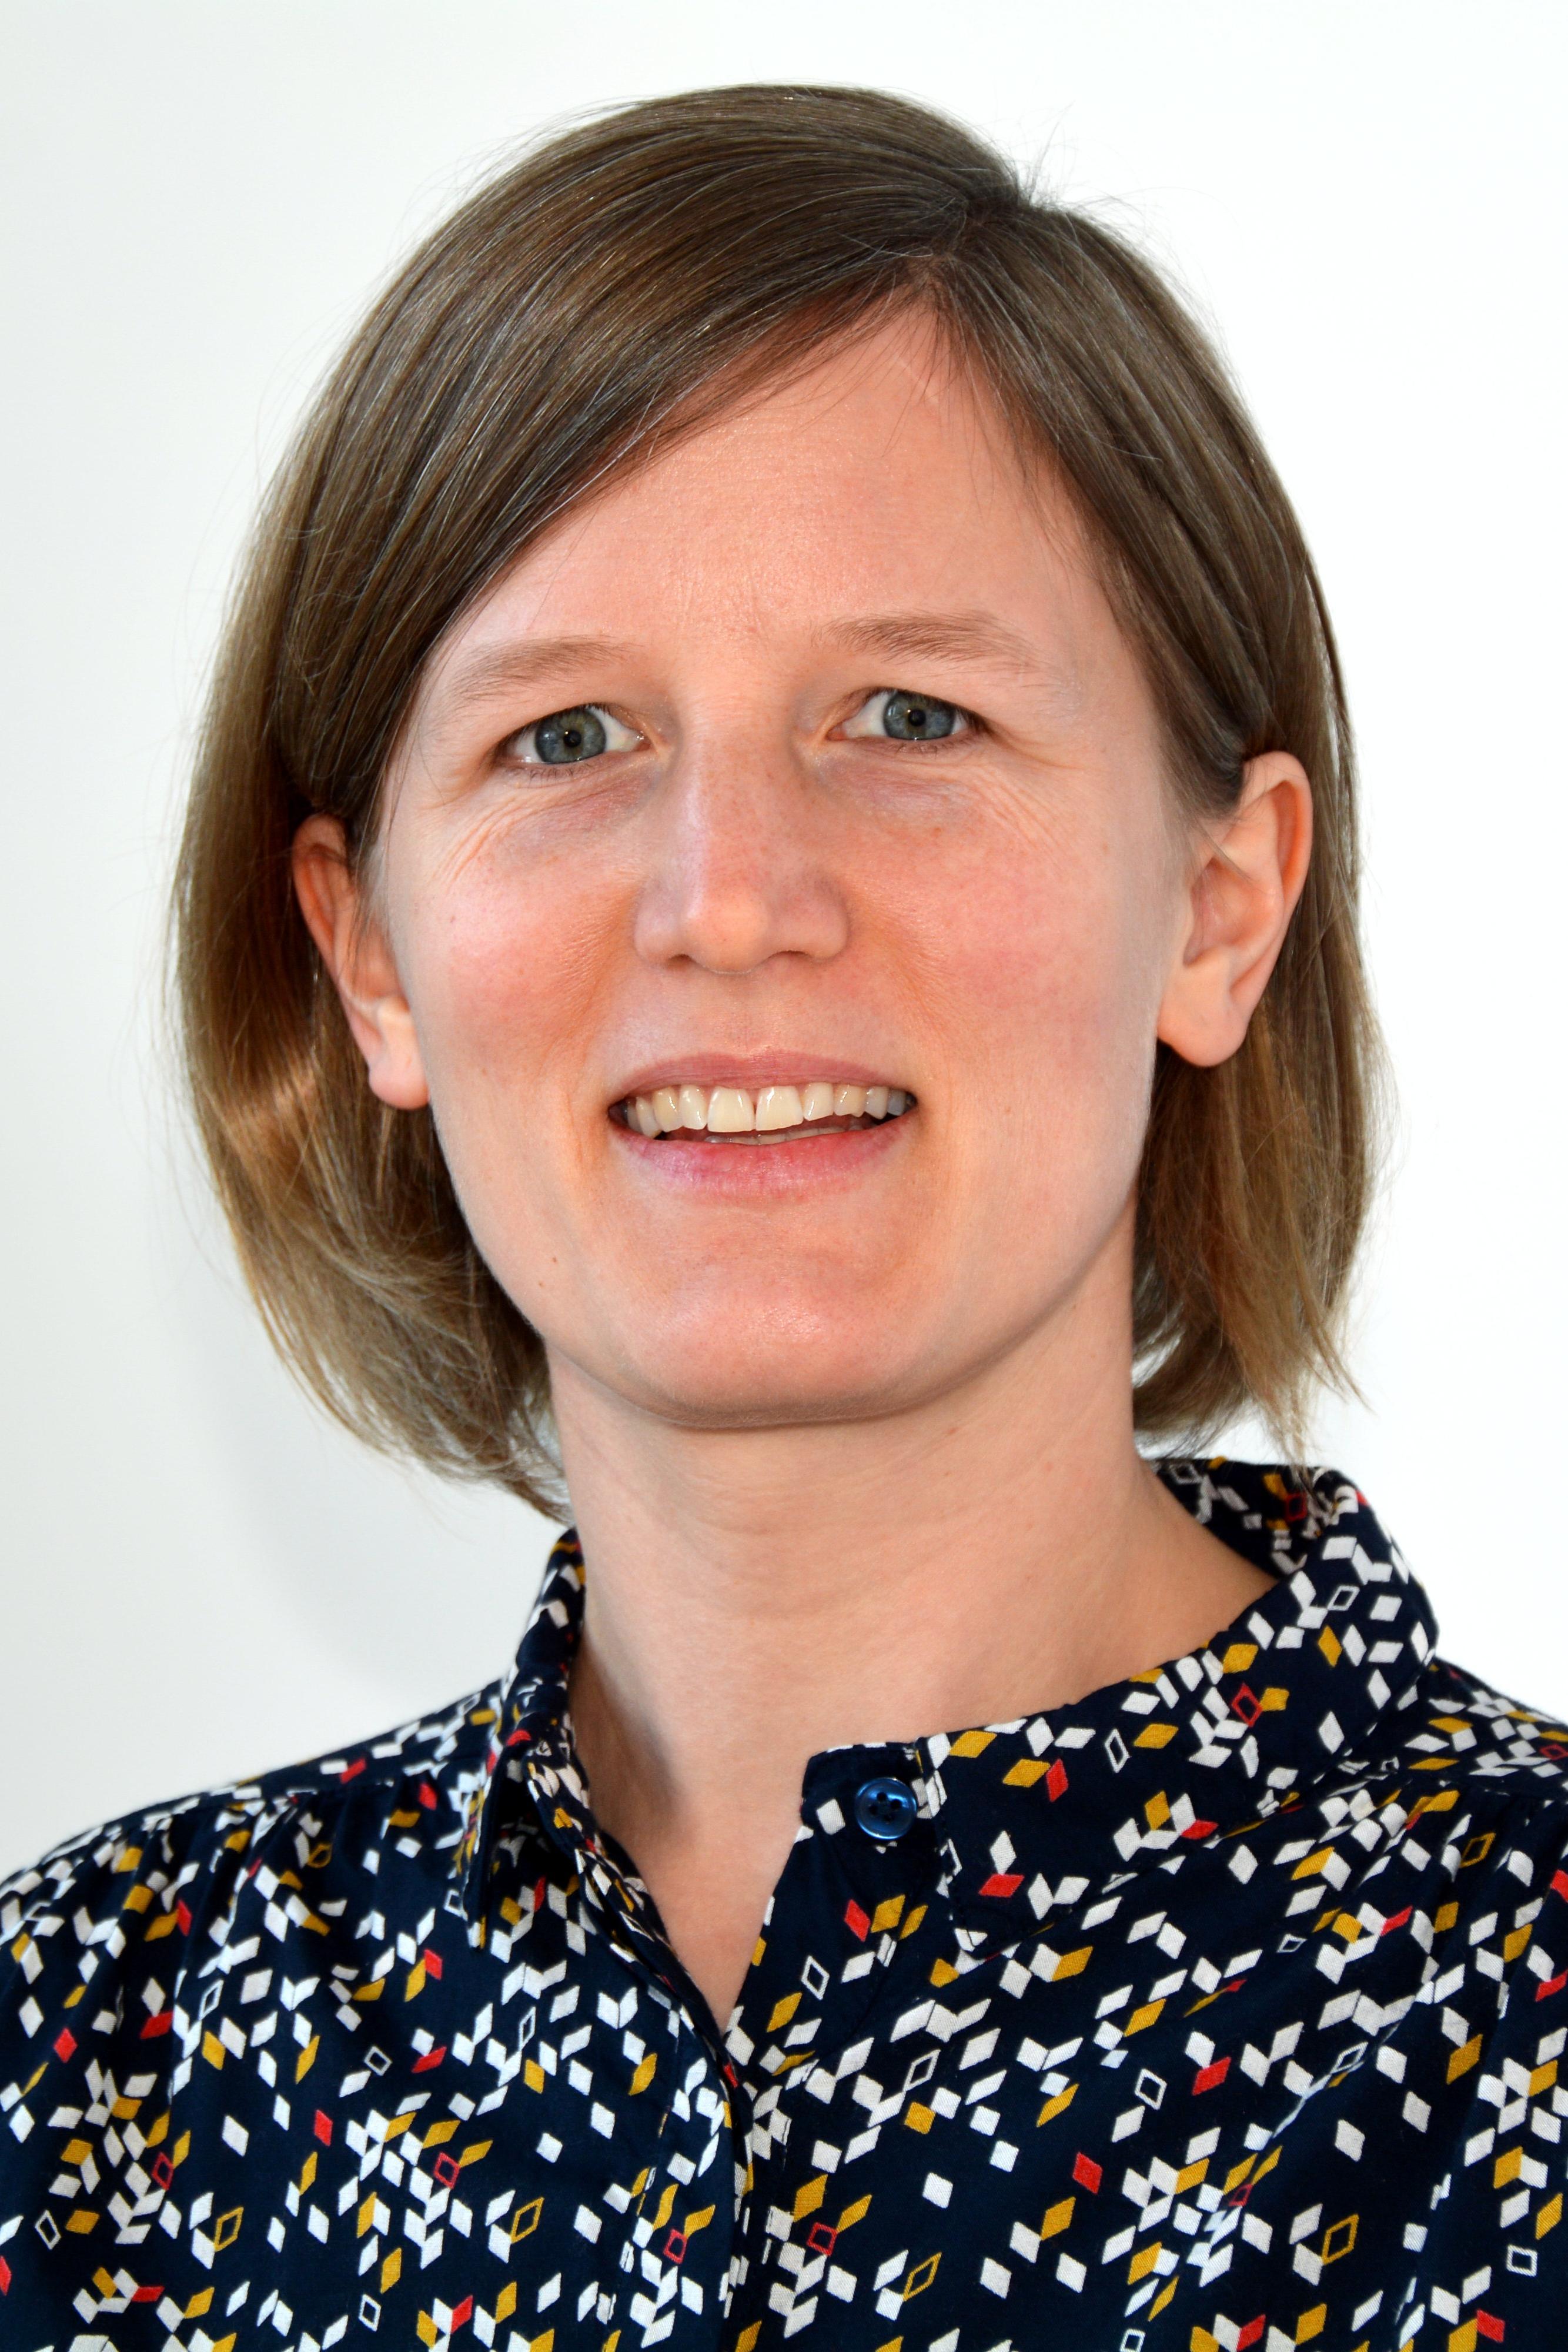 Anne Stienen